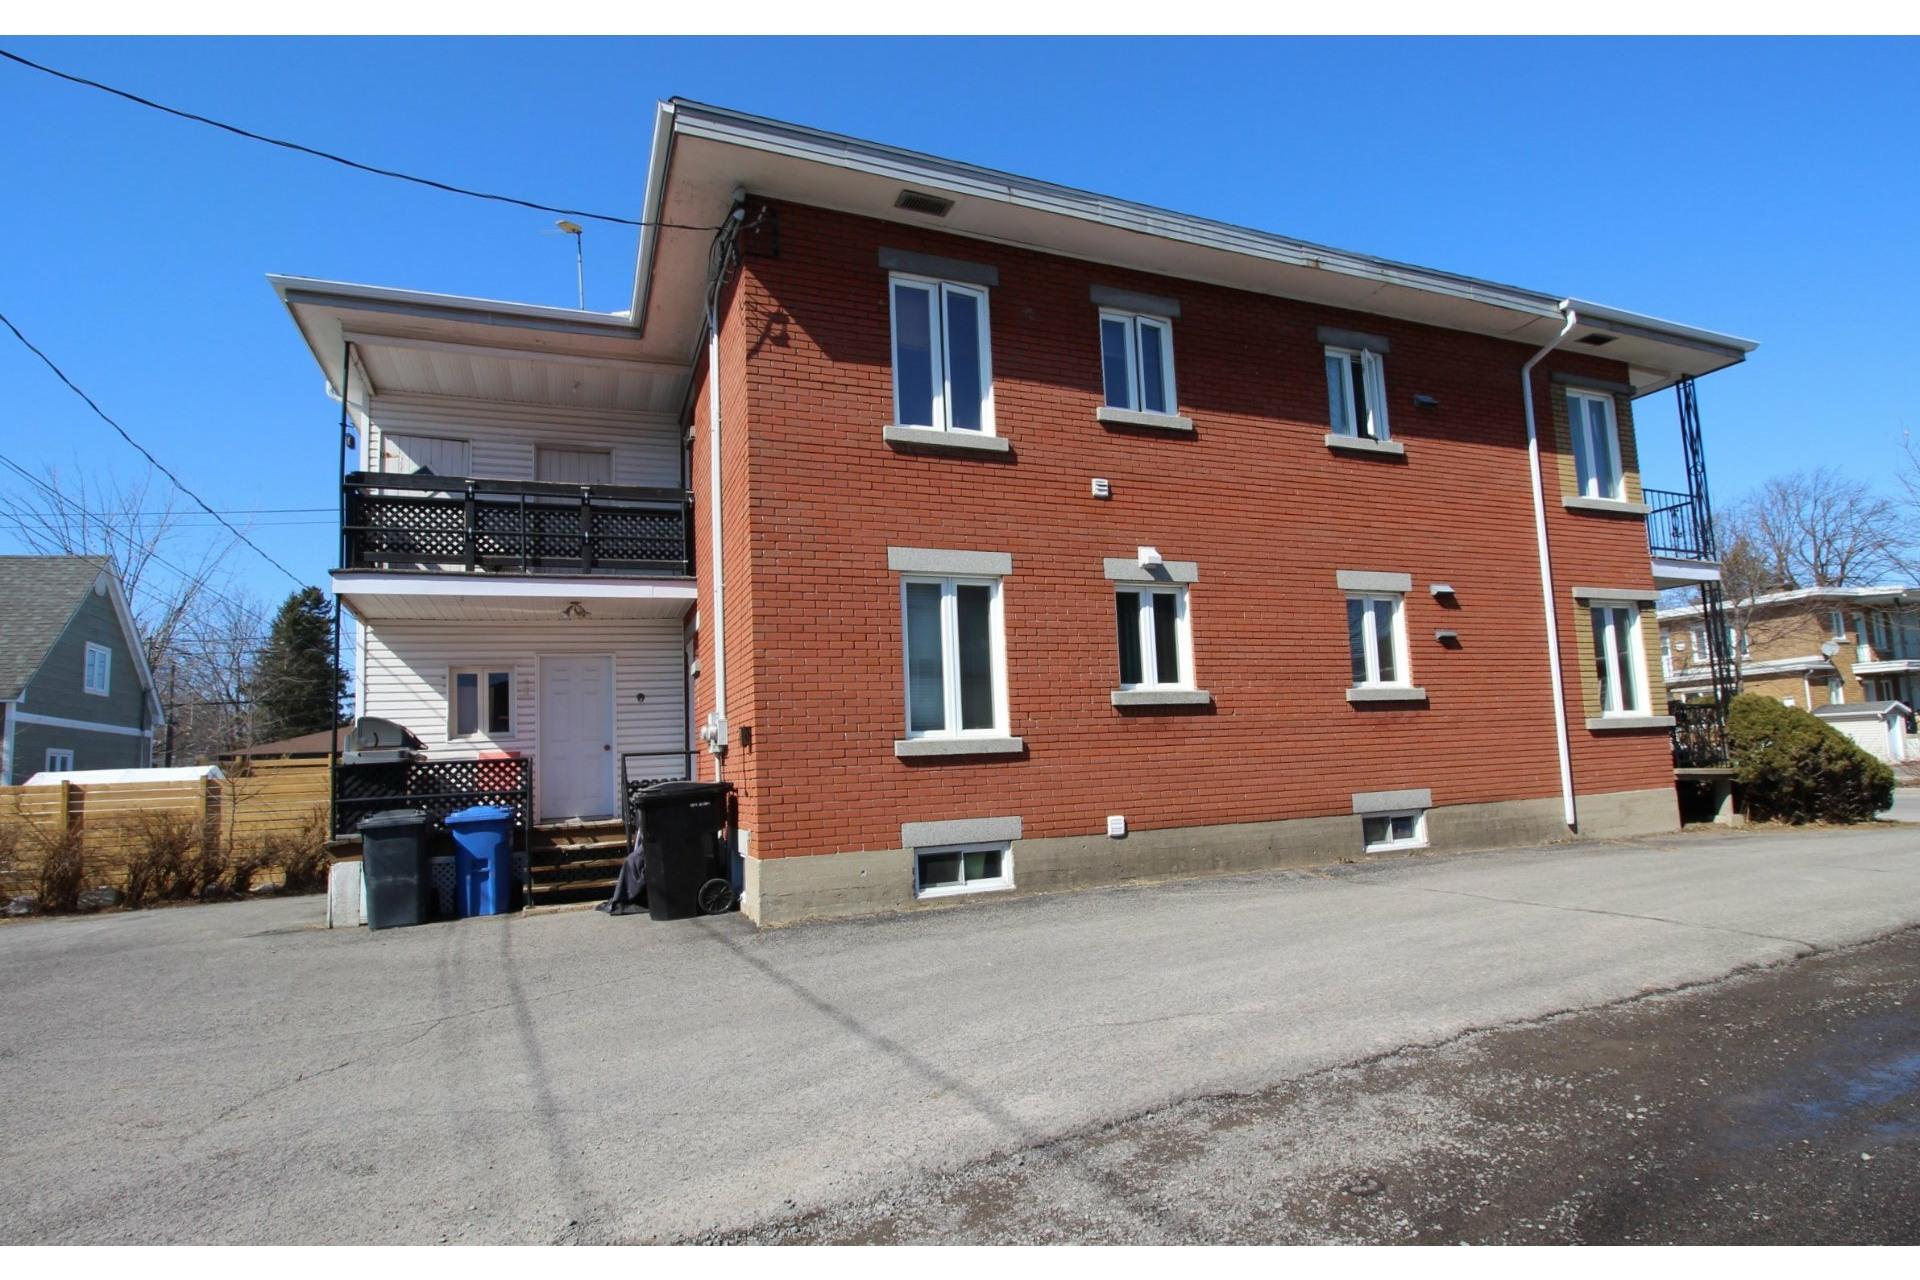 image 34 - Duplex For sale Joliette - 5 rooms